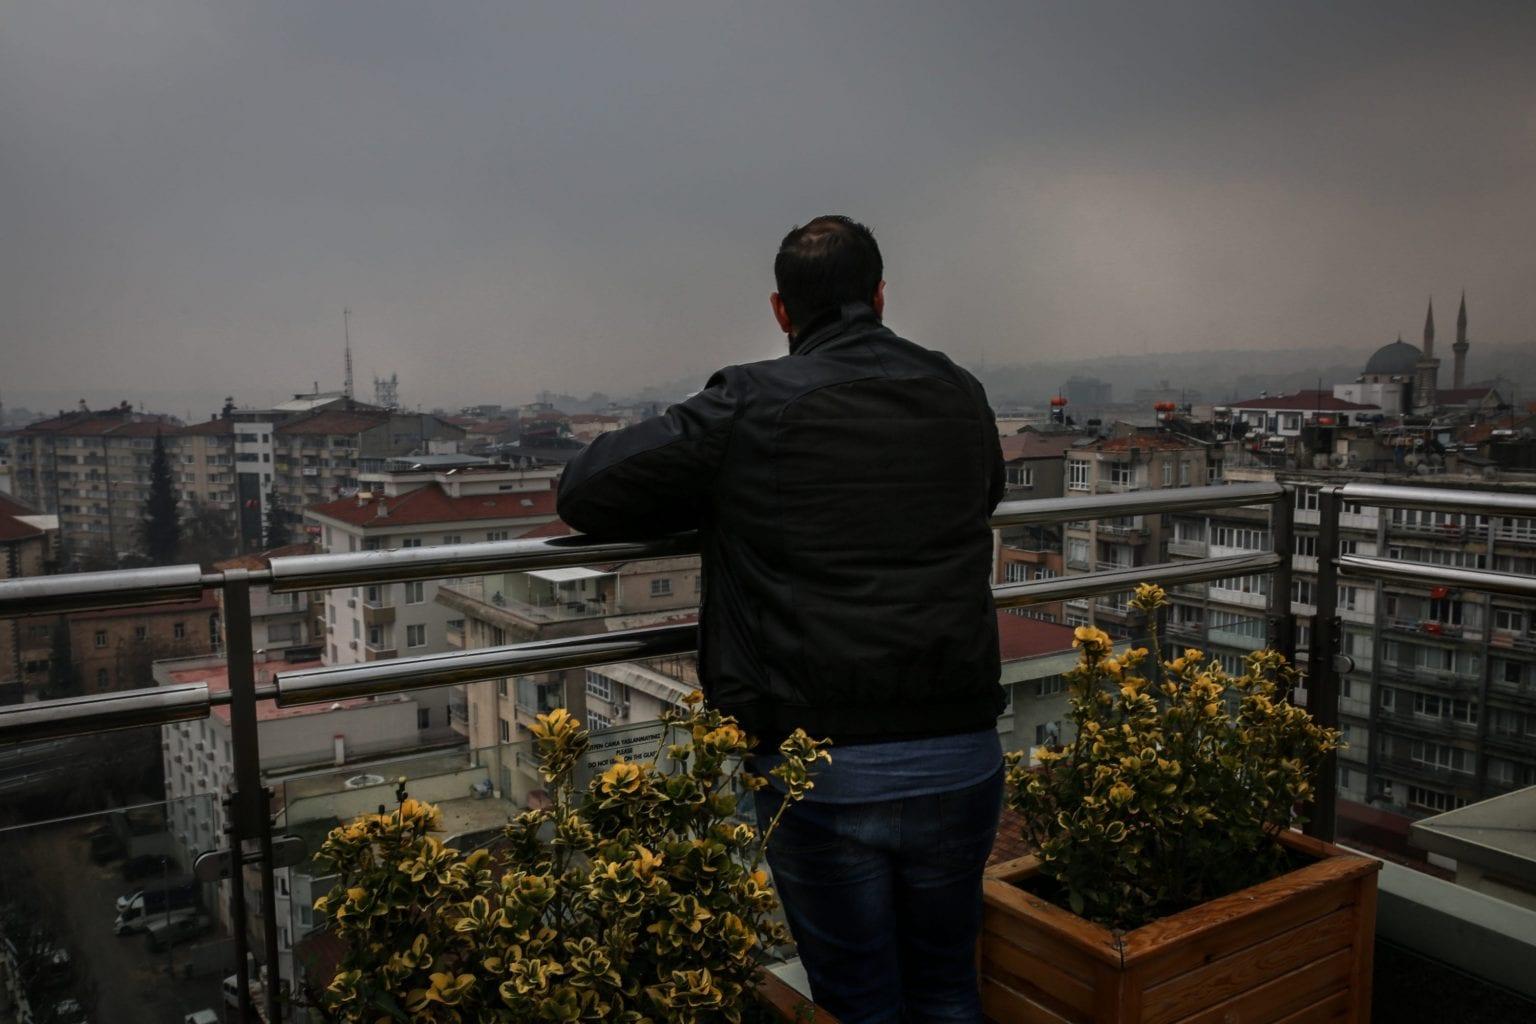 """Ahmad (28) forlod Aleppo da volden kom stadig nærmere.  Ahmad tilbragte en måned i en grænseby på syrisk side, før han fandt en smugler som han stolede på. """"Jeg kunne se muren blive bygget, så jeg blev nød til at tage turen over grænsen så hurtigt som muligt"""". Ahmad er ikke hans egentlige navn. Foto: Maya Hautefeuille"""